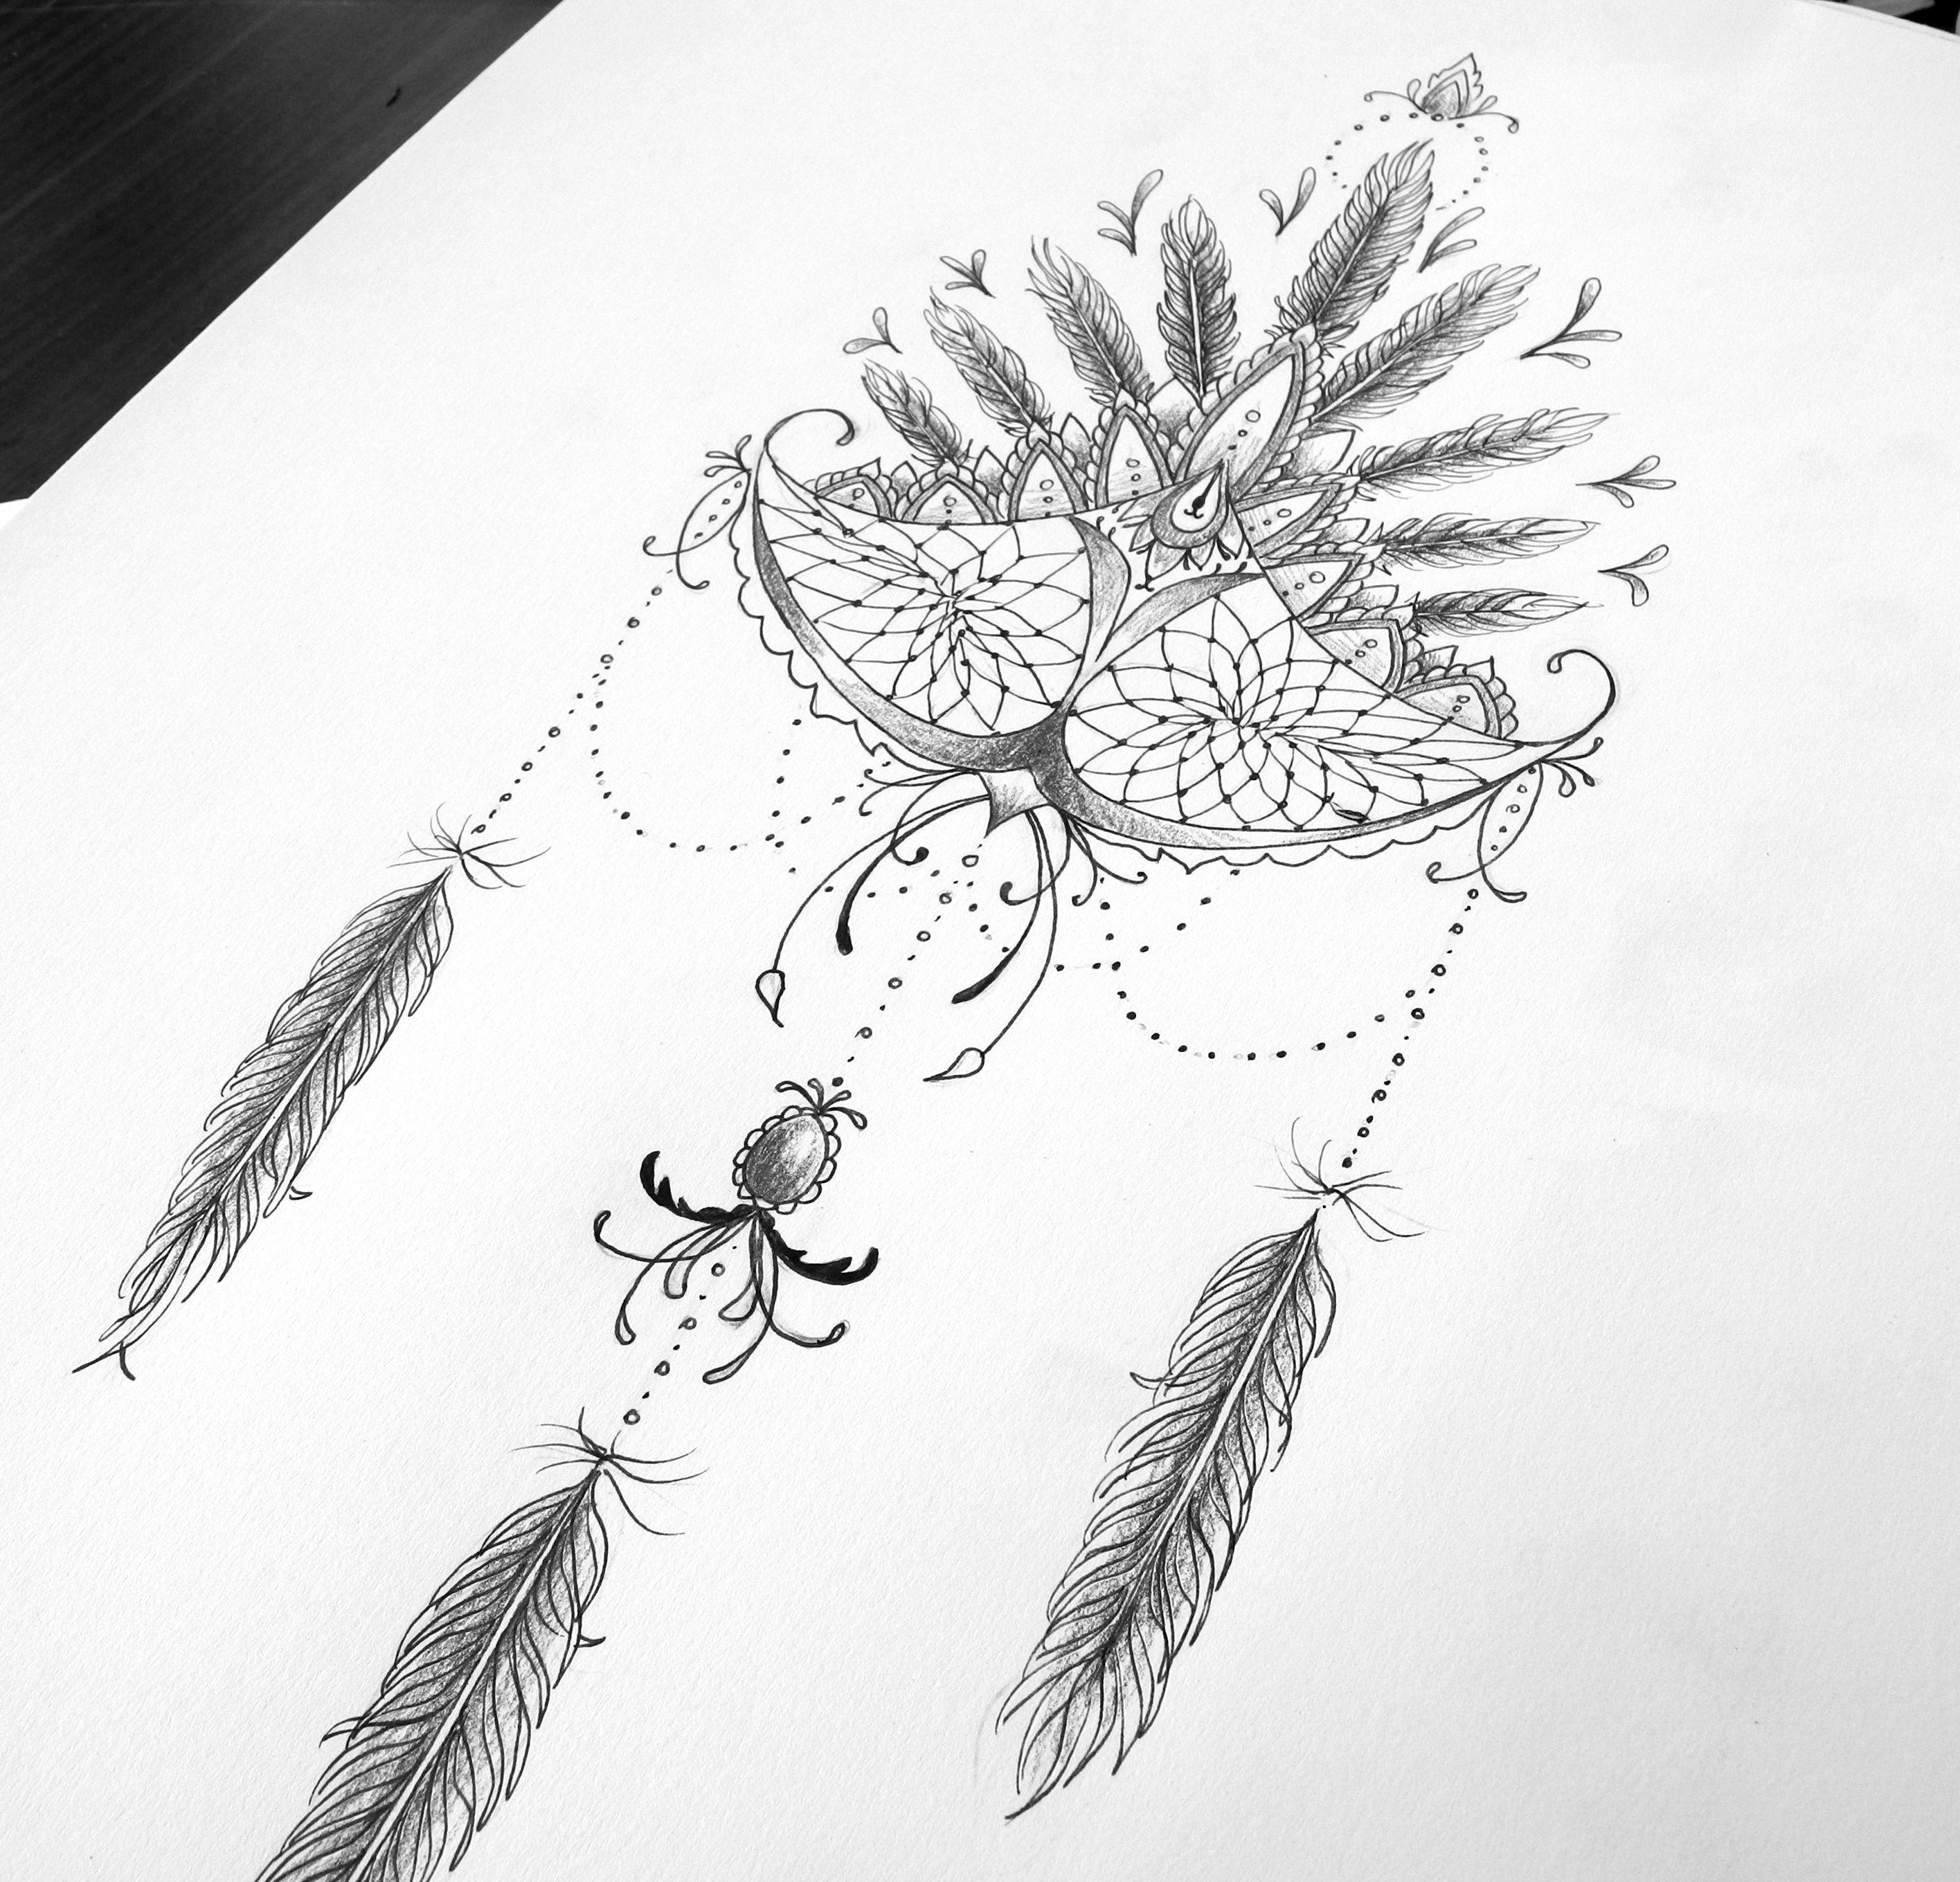 Fleur De Lotus Dijon dreamcatcher :-) attrape-rêves revisité arabesques, plumes